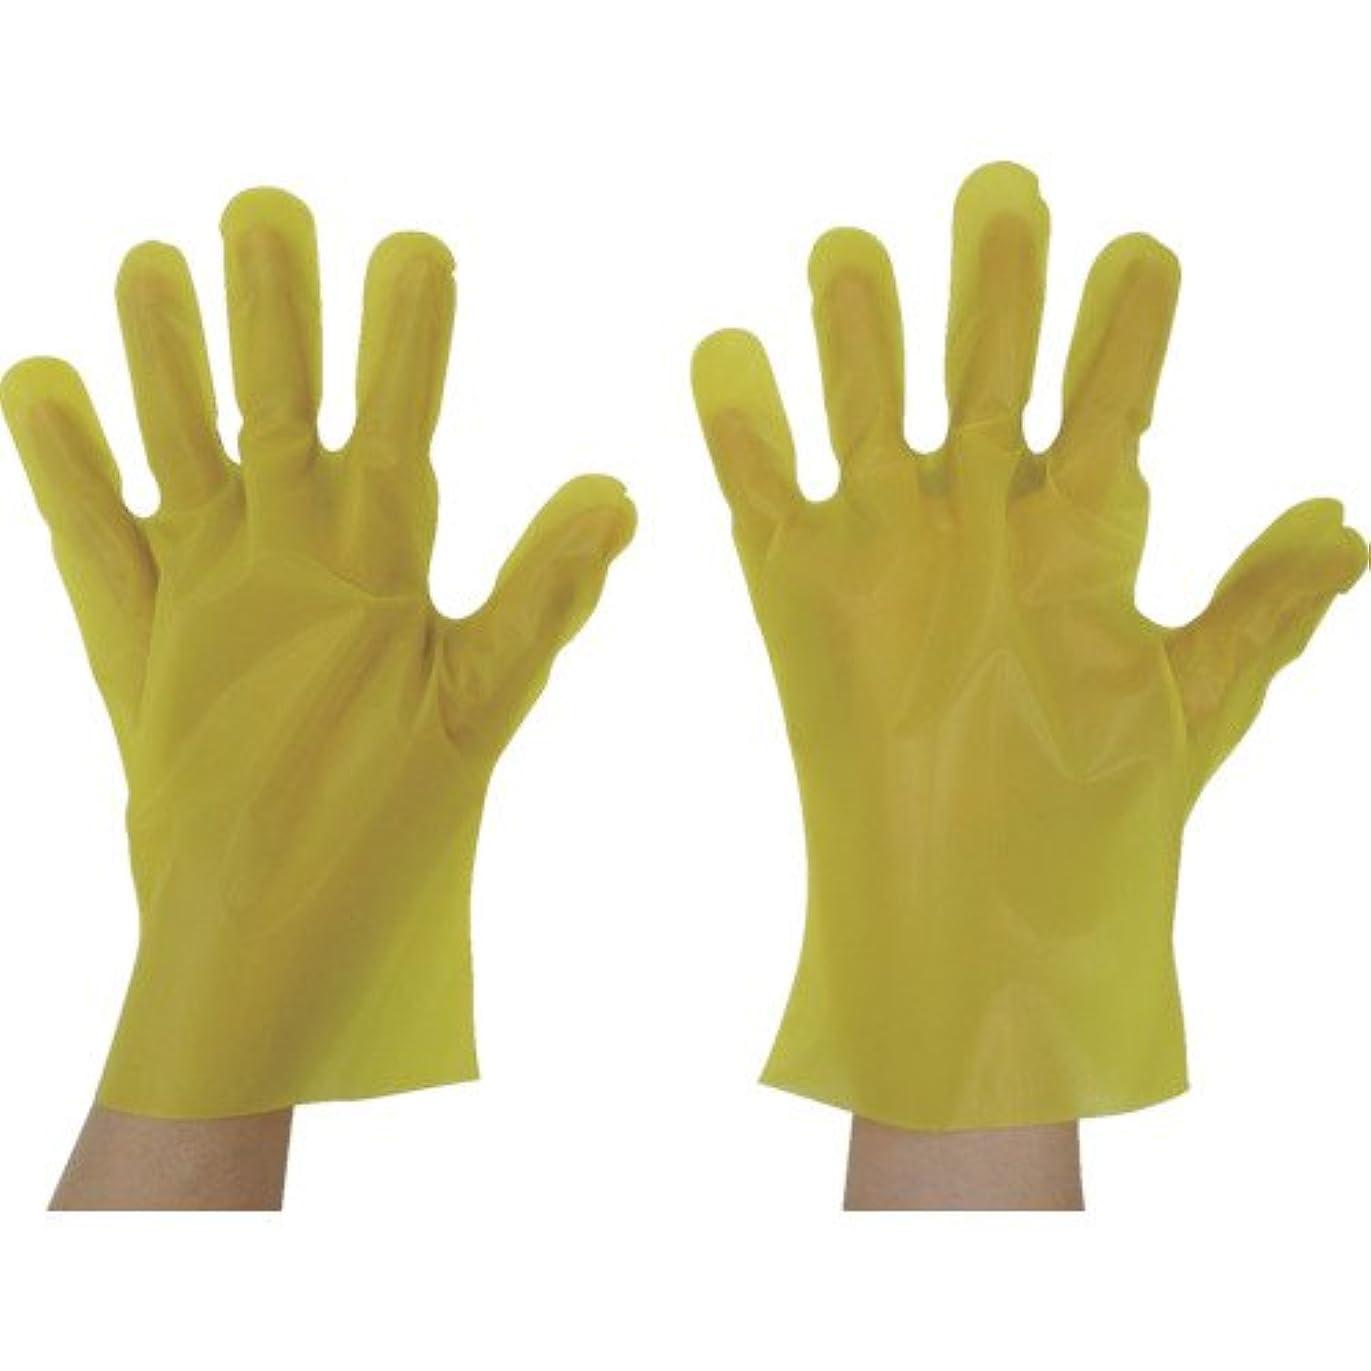 想起傾向がありますハチ東京パック エンボス手袋五本絞りエコノミー化粧箱L イエロー(入数:200枚) YEK-L